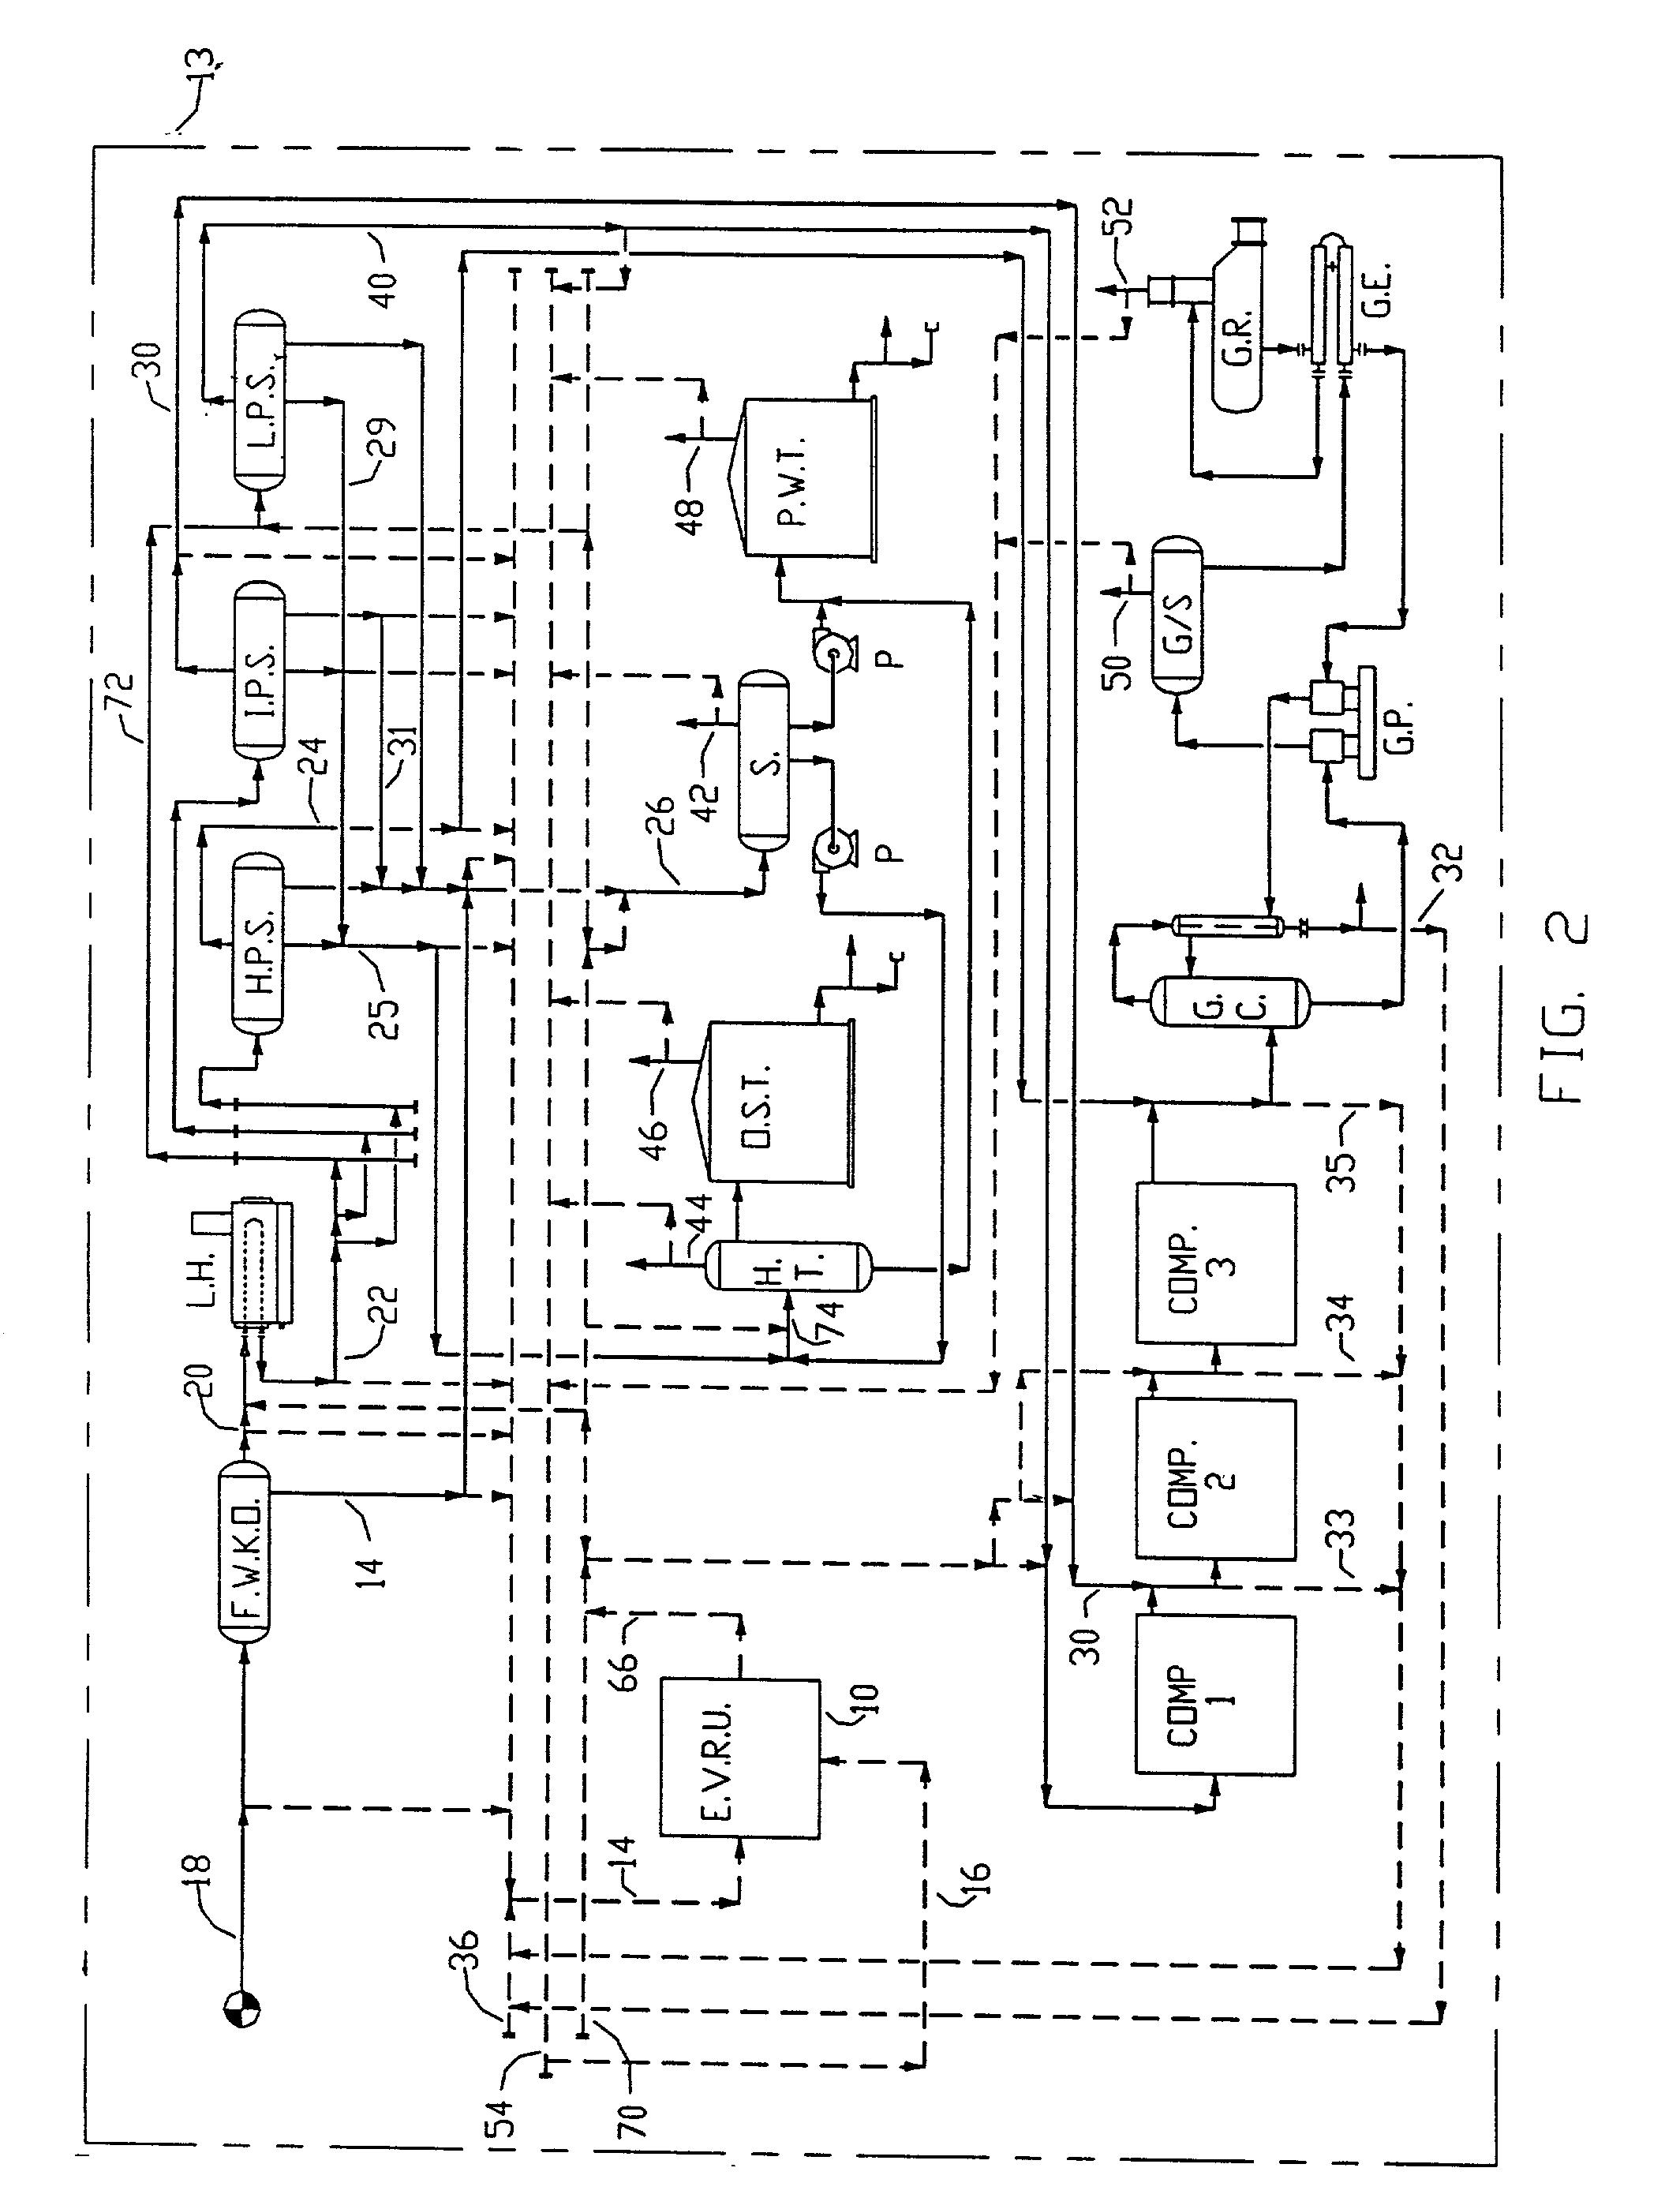 patent us20020043289